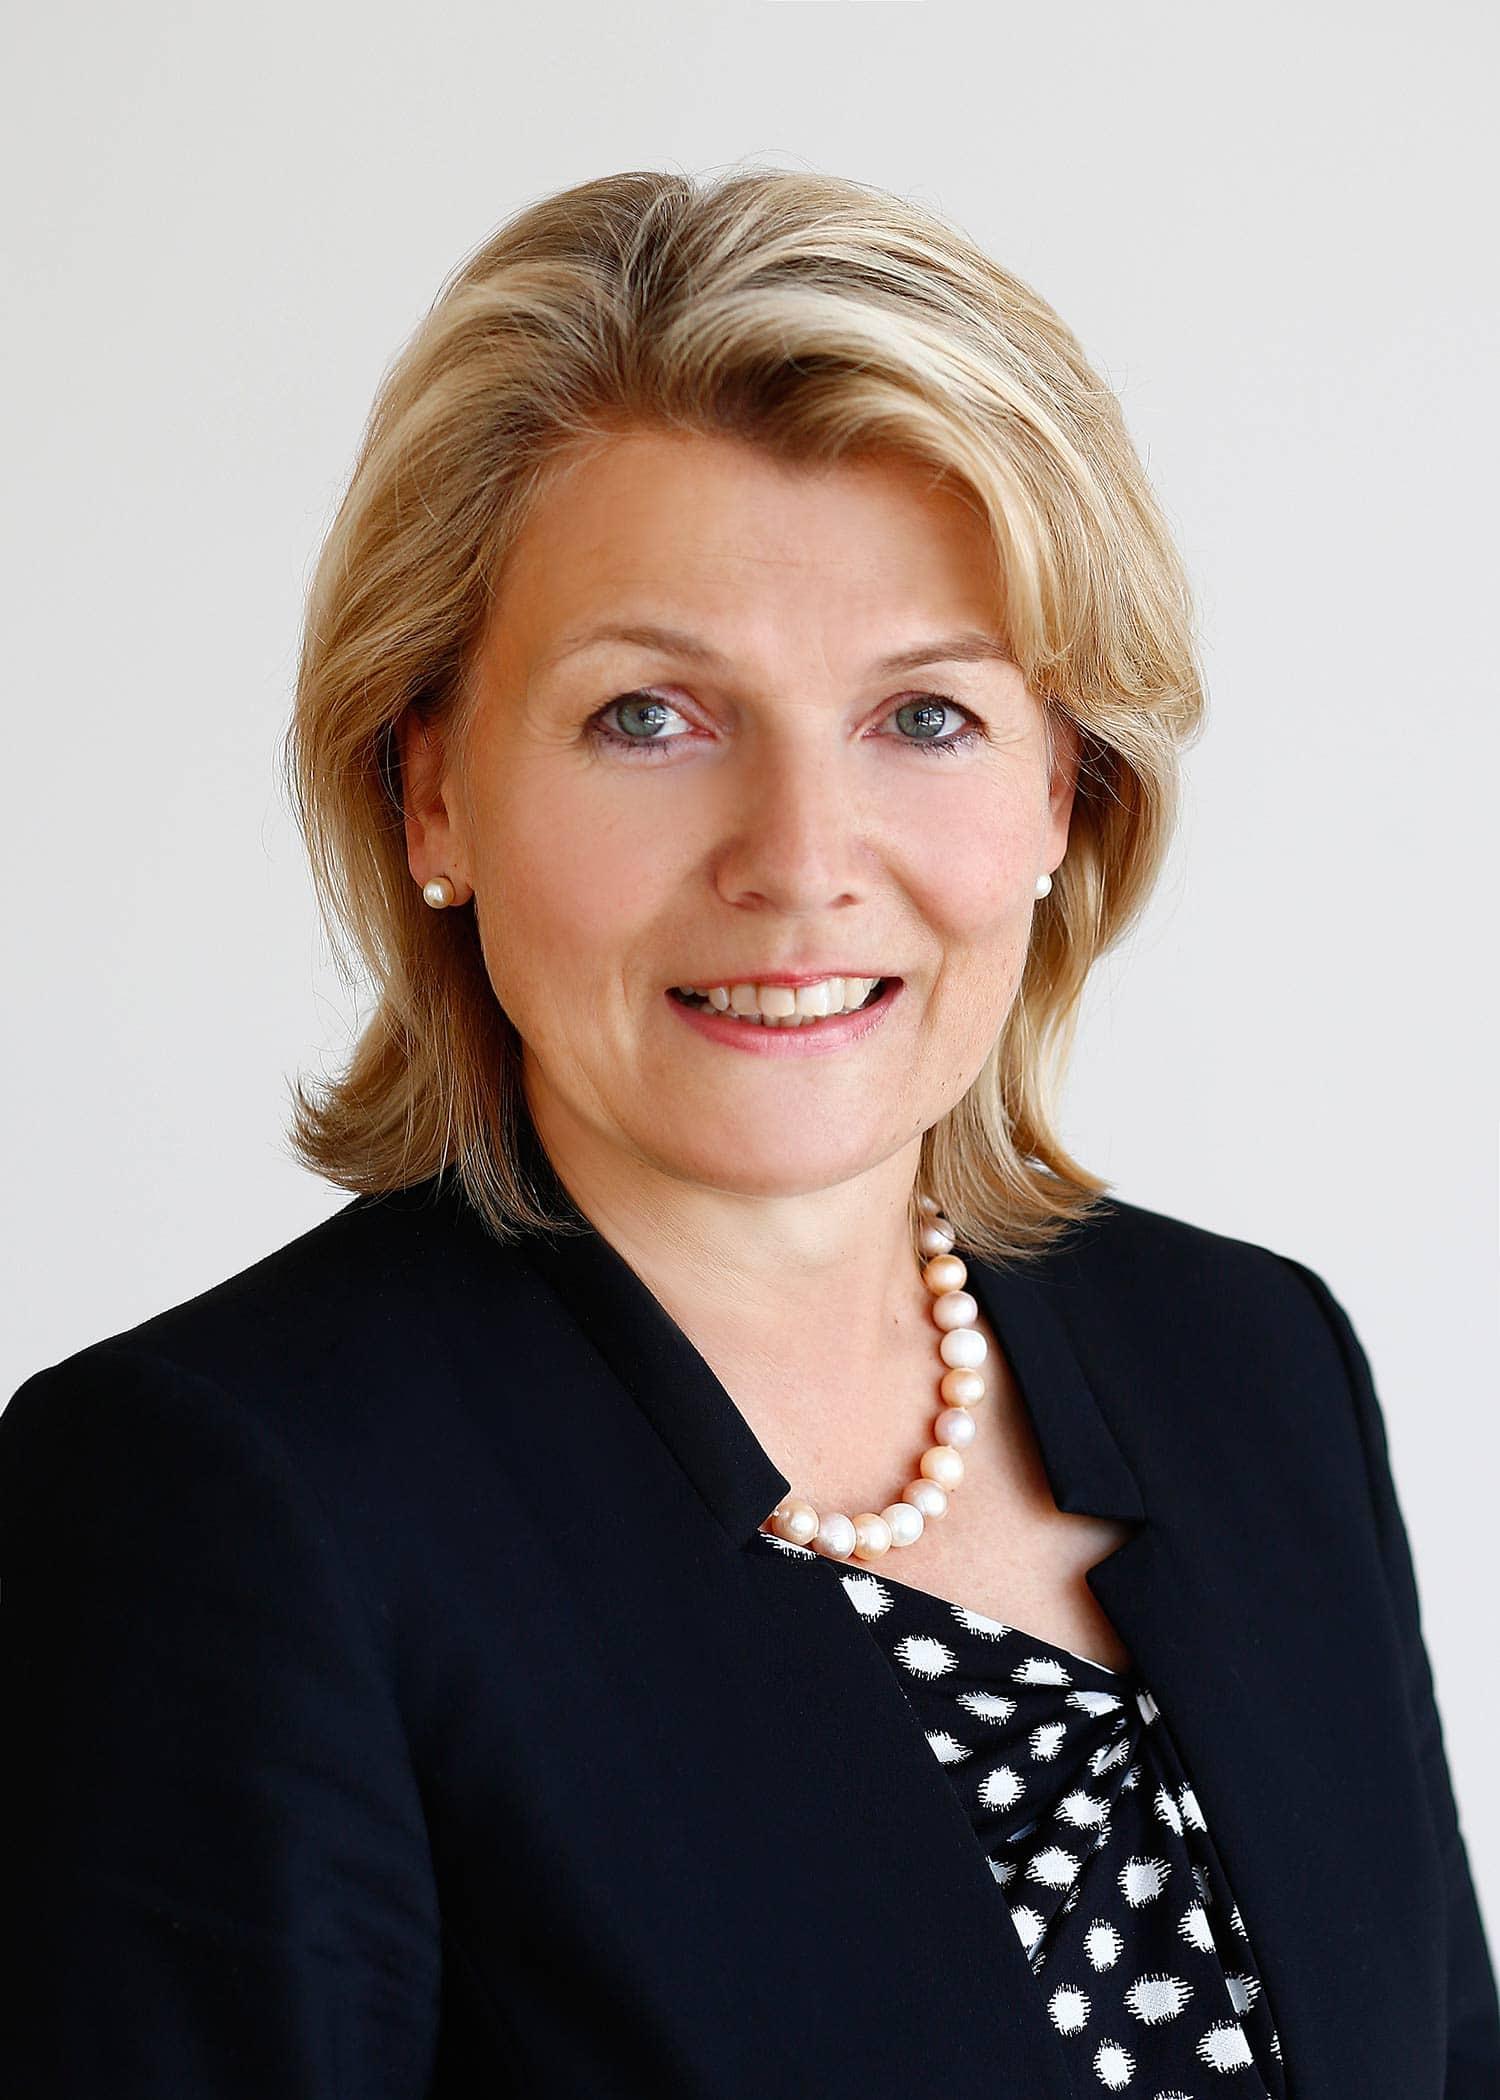 In Wiesent war schon vor der Wahl klar, wer Bürgermeisterin wird beziehungsweise bleibt: die bisherige Bürgermeistern Elisabeth Kerscher! Kerscher hatte keine Gegenkandidaten und konnte so 93,19 Prozent der Stimmen erzielen. 6,81 Prozent der Wählerinnen und Wähler stimmten für Kandidaten, die sie auf dem Stimmzettel ergänzt hatten. Foto: Graggo